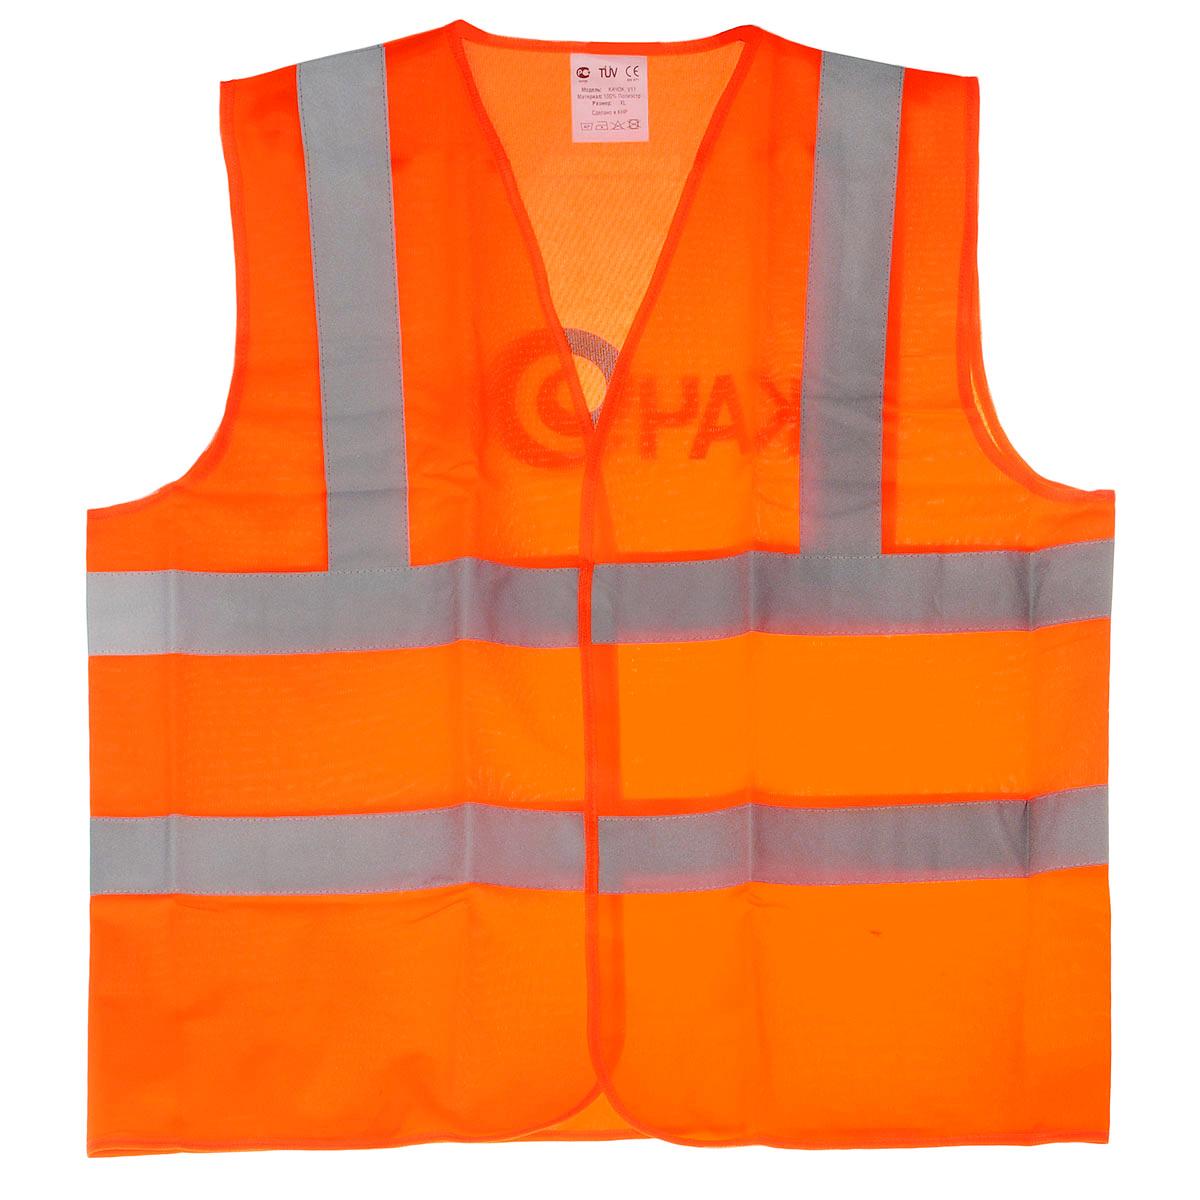 Жилет аварийный сигнальный Качок V11, цвет: оранжевый. Размер XLV11-ORСигнальный жилет Качок V11 выполнен из полиэстера с 2-мя горизонтальными и 2-мя вертикальными светоотражающими полосами. Жилет рекомендован для личного и профессионального использования в дорожных условиях в любую погоду, в любое время суток. Высокая видимость достигается за счет фонового материала повышенной износостойкости и светоотражающих полос шириной 5 см.